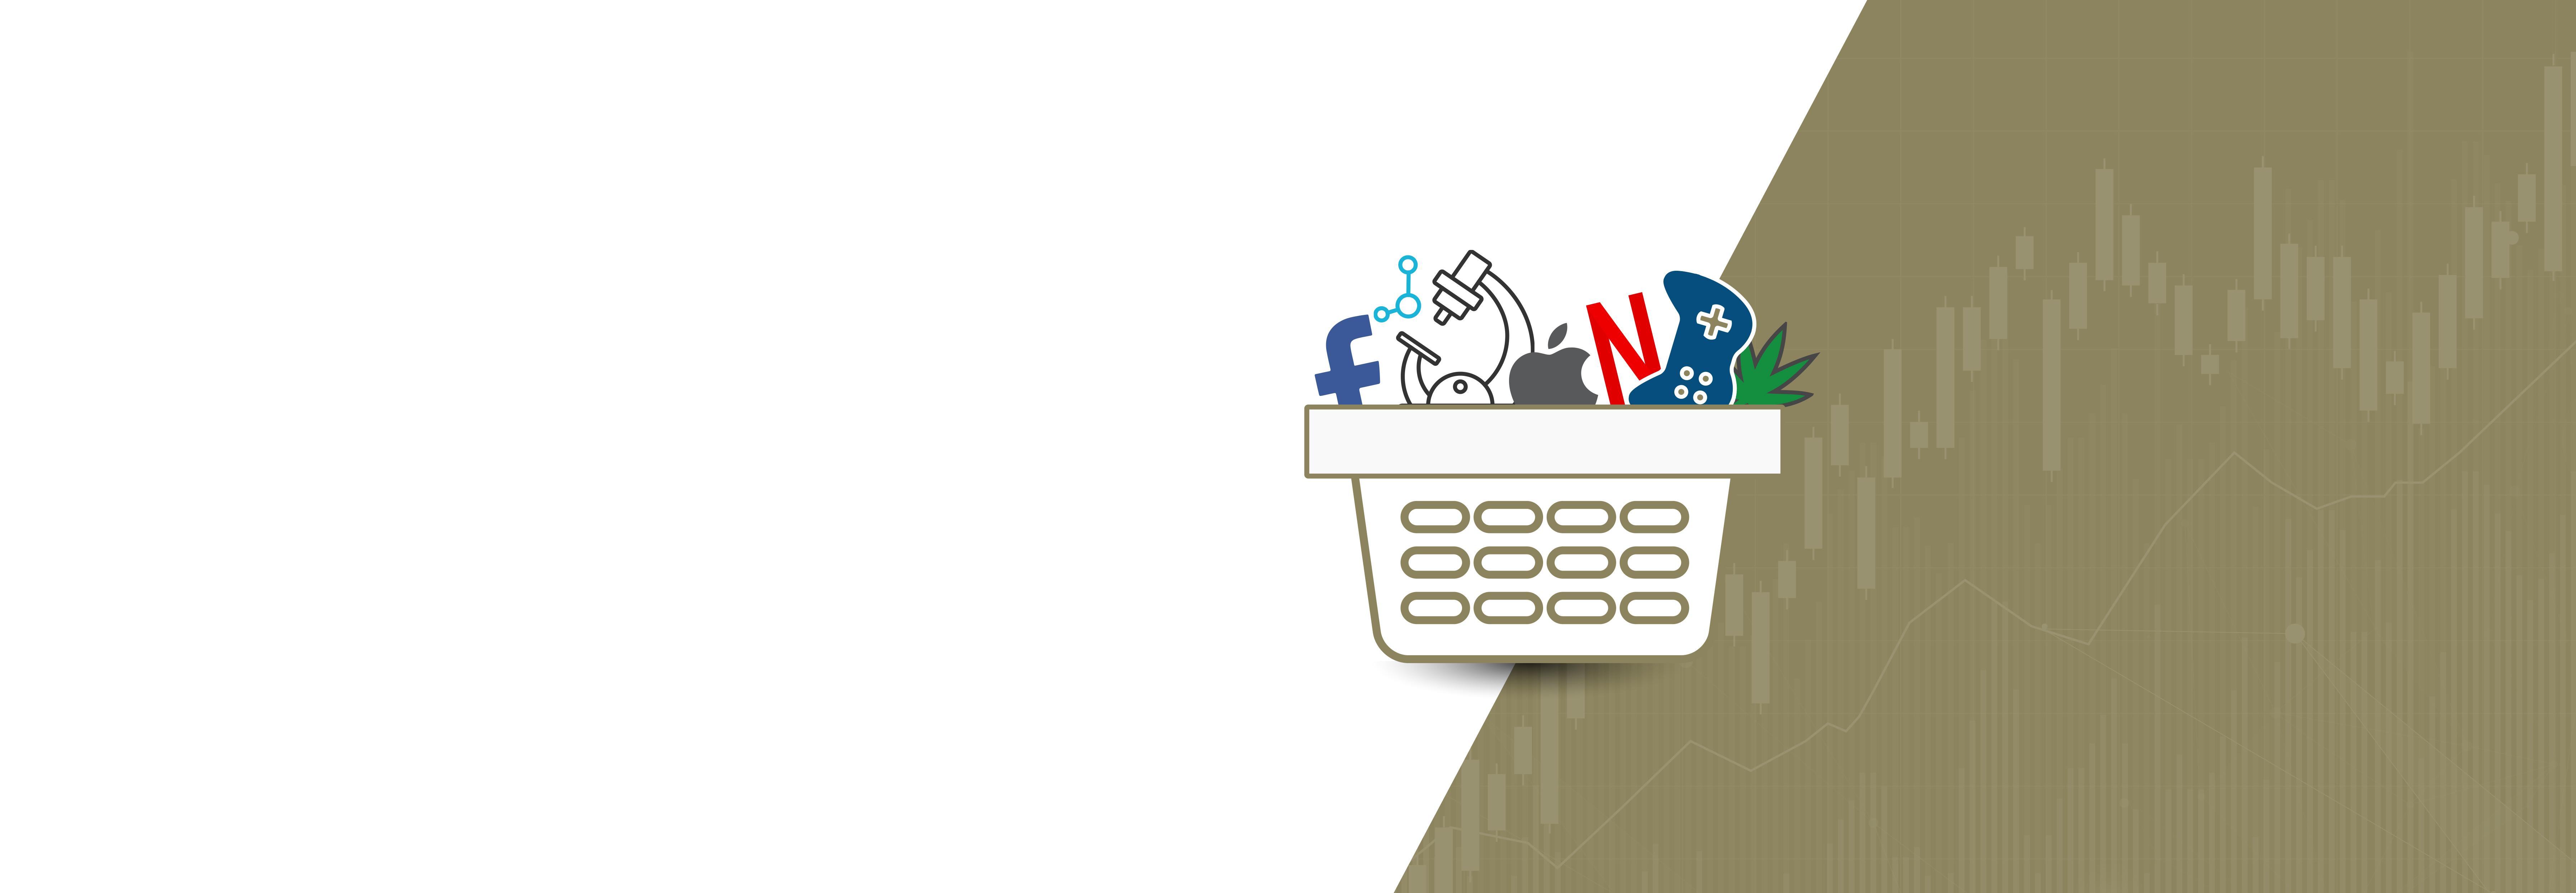 Ruang Keahlian - blogger.com